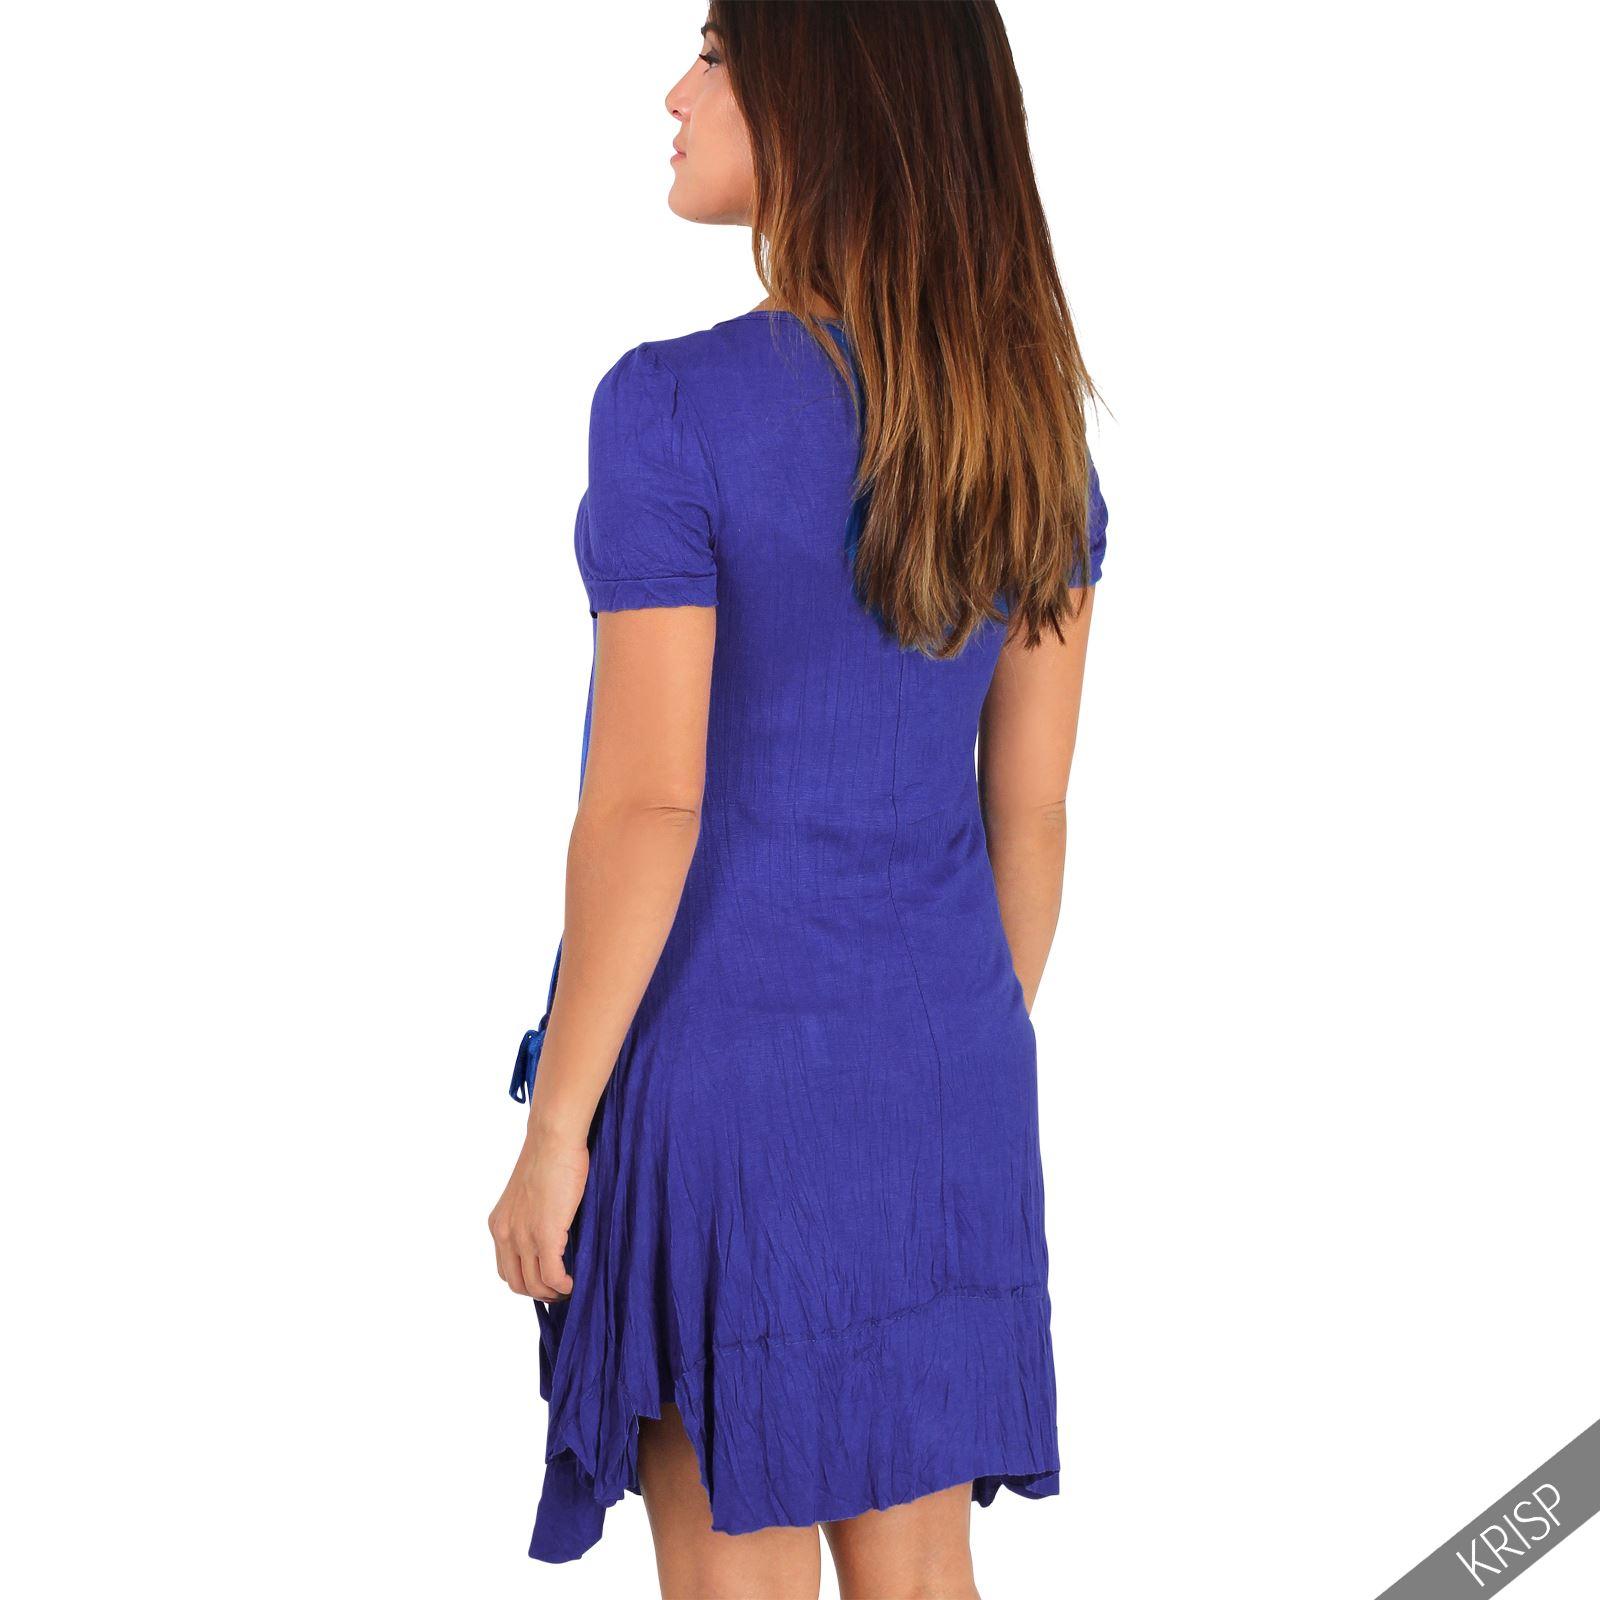 Vestido Corto Mujer Casual Joven Original Juvenil Talla Grande ...